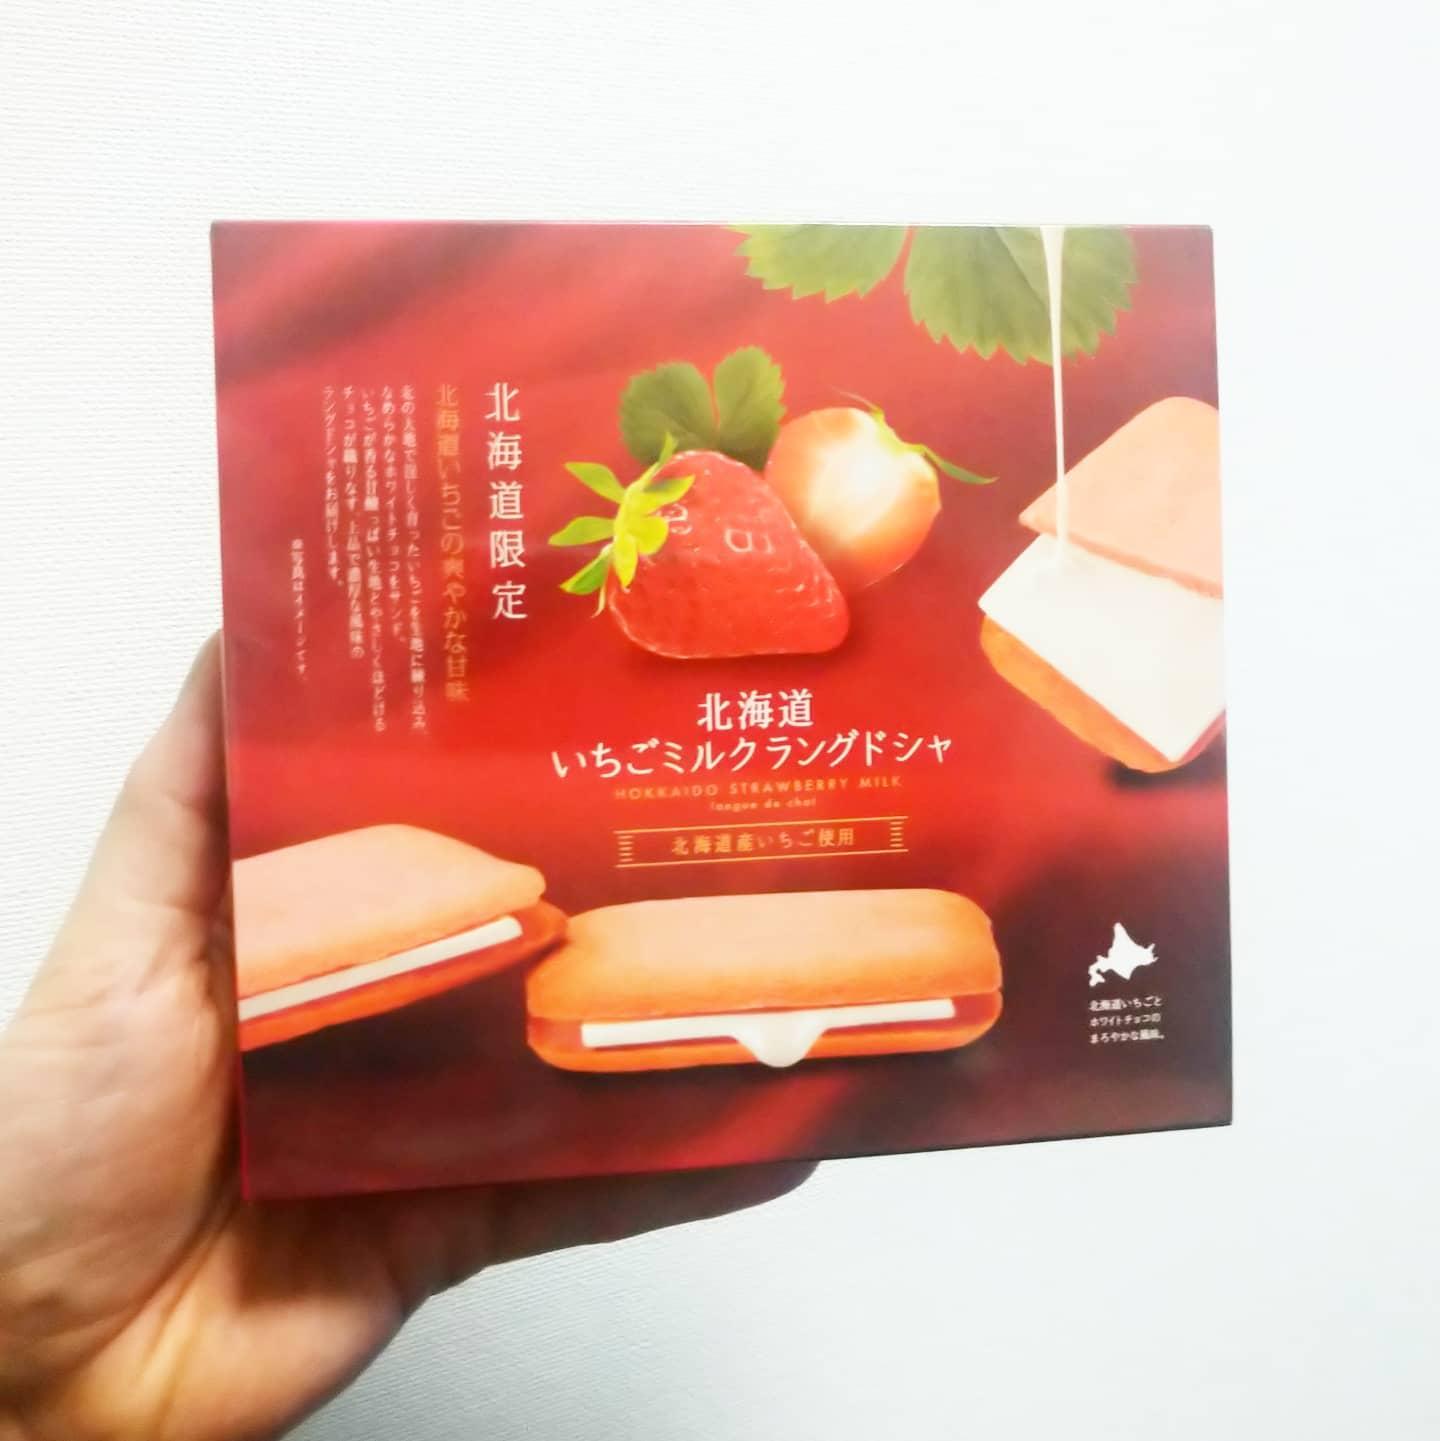 #北海道いちごミルクラングドシャ #侍猫度☆☆☆★★ ほんのり苺クッキーにホワイトミルクチョコなやつ。まぁ白い恋人好きならありでしょ。 #いちご牛乳クラブ  #いちごオレ #いちご牛乳 #イチゴ牛乳 #苺牛乳 #メソギア派 #糖分